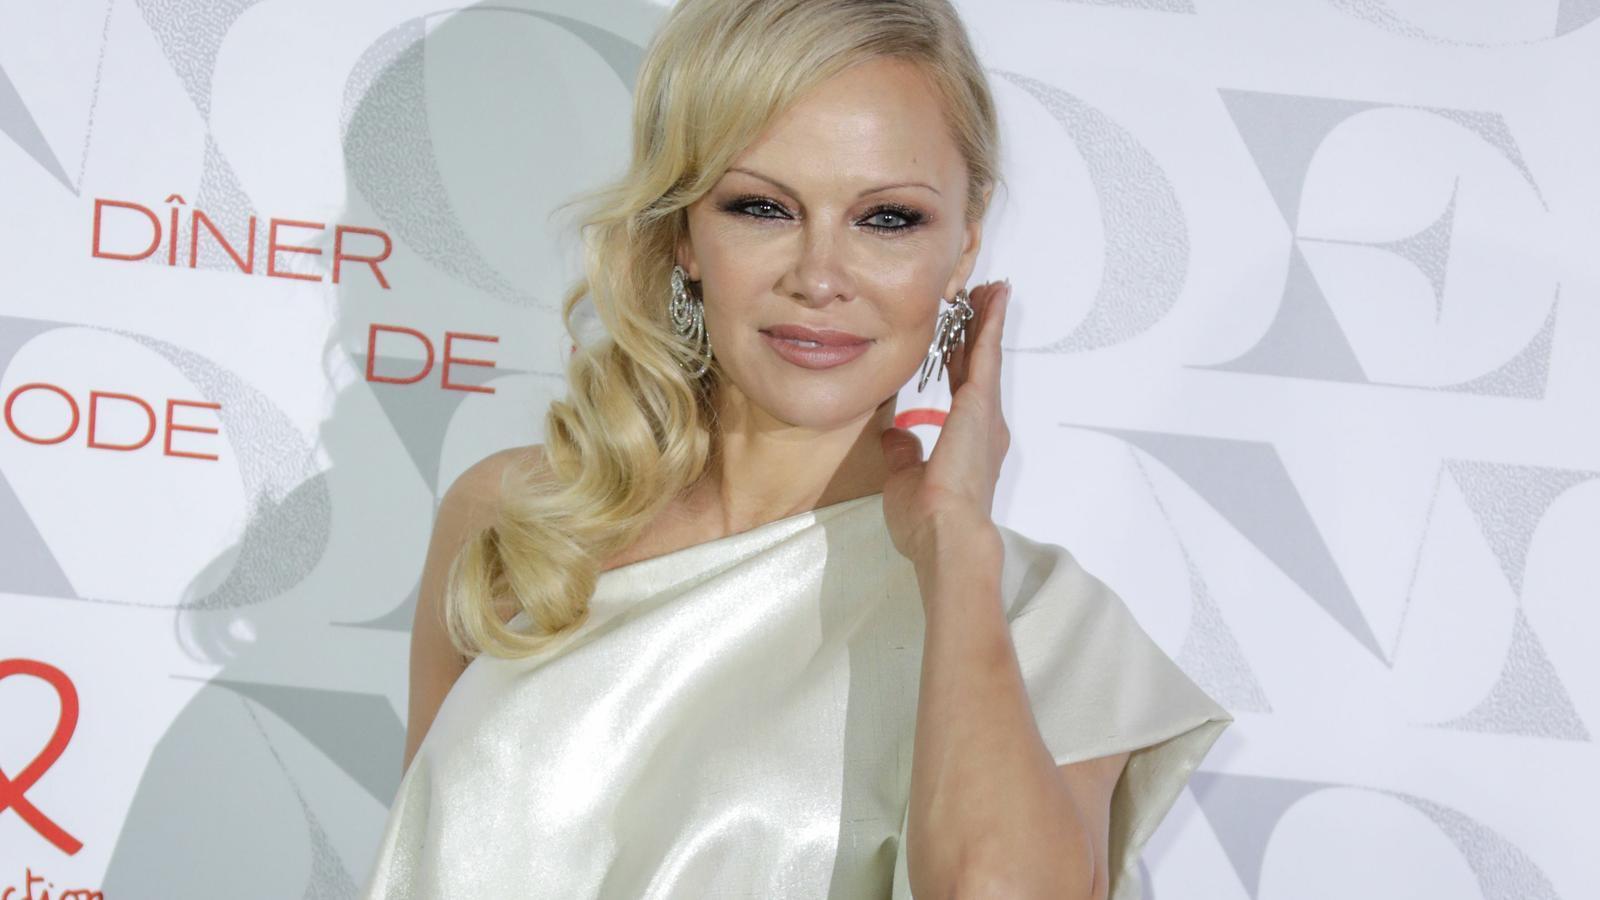 Pamela Anderson i Jon Peters ja havien mantingut una relació a finals dels anys 80